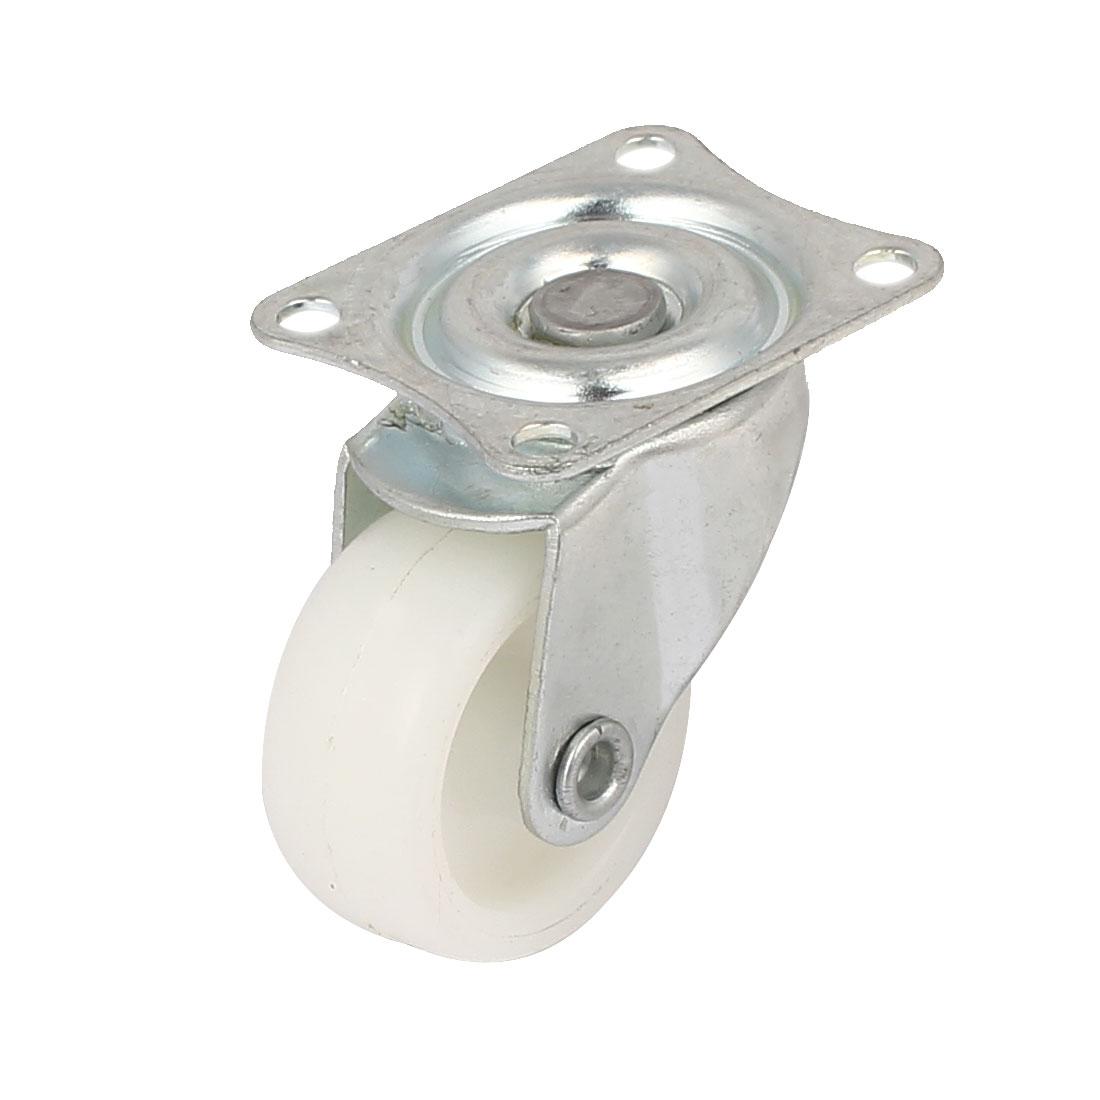 """1.2"""" Dia 360 Degree Top Plate Nylon Swivel Caster Wheel White"""